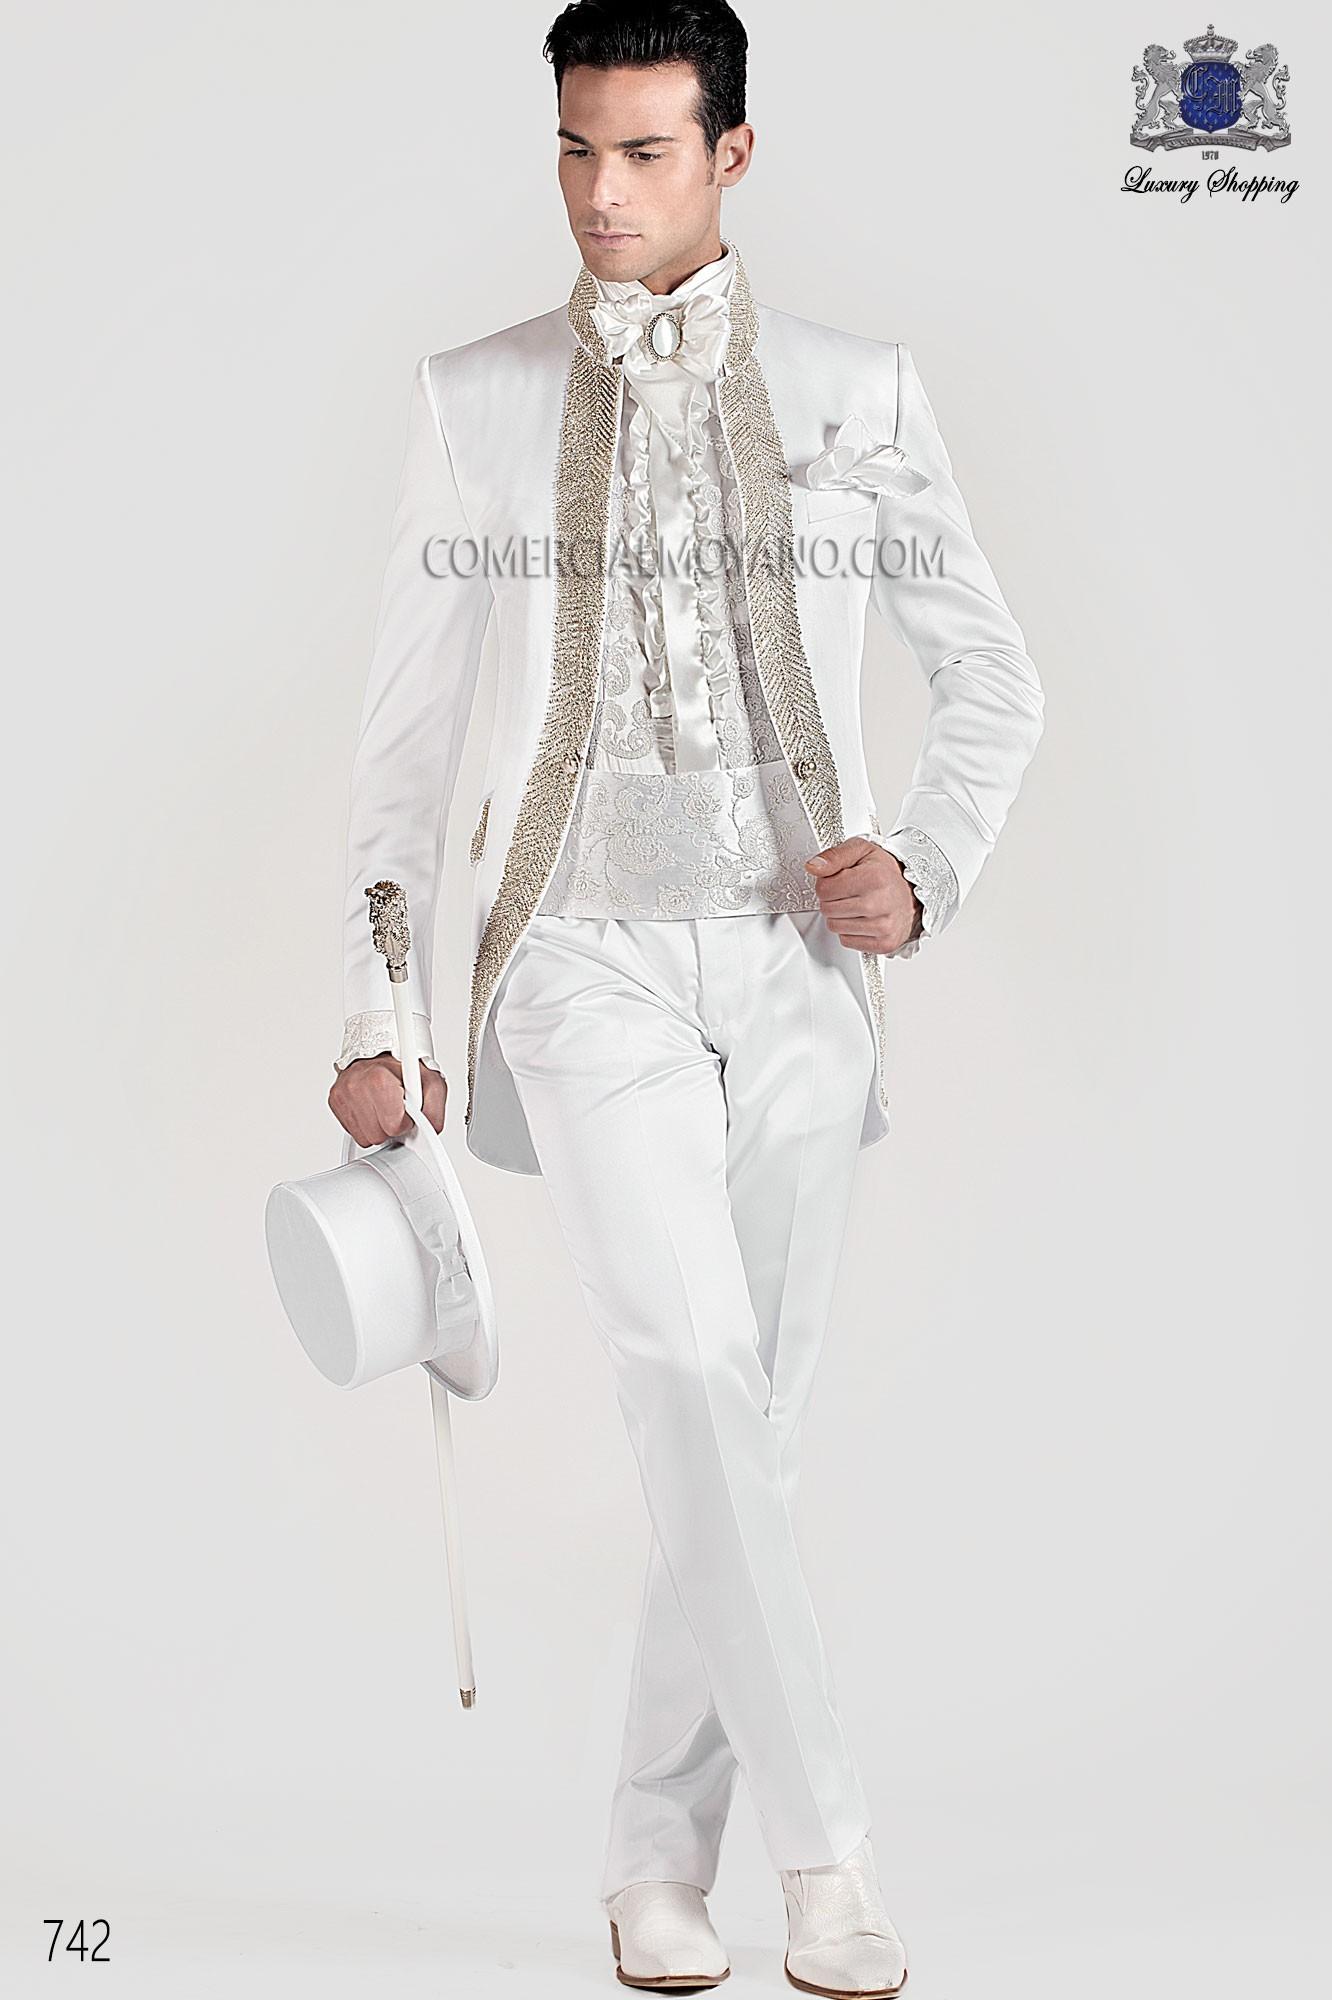 Traje de novio barroco blanco modelo: 742 Ottavio Nuccio Gala colección Barroco